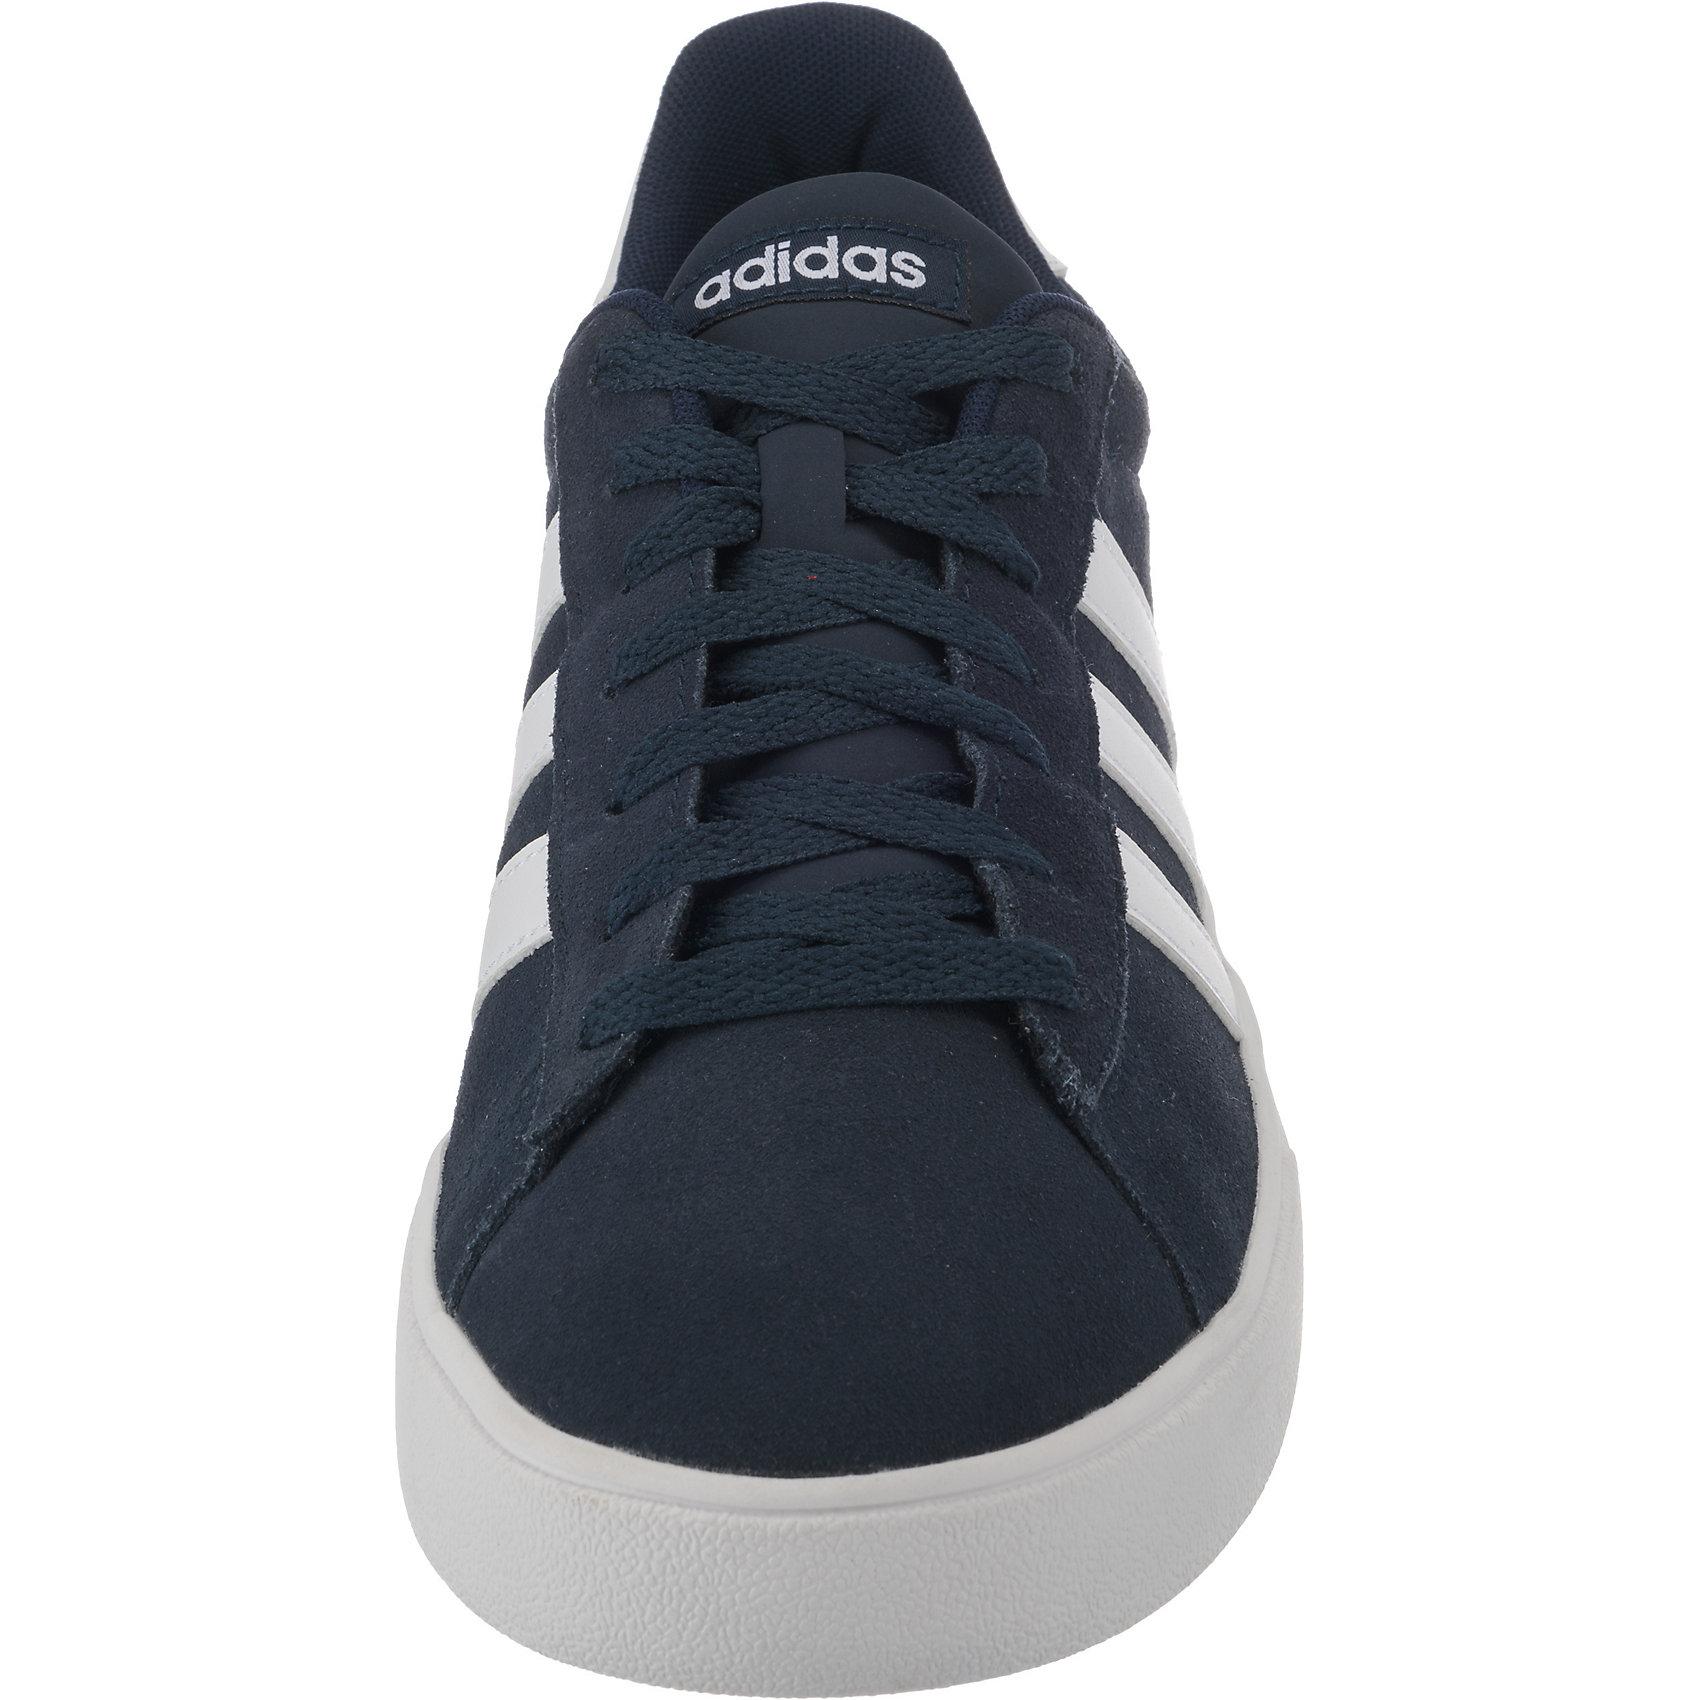 Neu adidas Sport Sport Sport Inspirot Daily 2.0 Turnschuhe Low 8338650 für Herren  | Verschiedene Arten Und Die Styles  b8b045